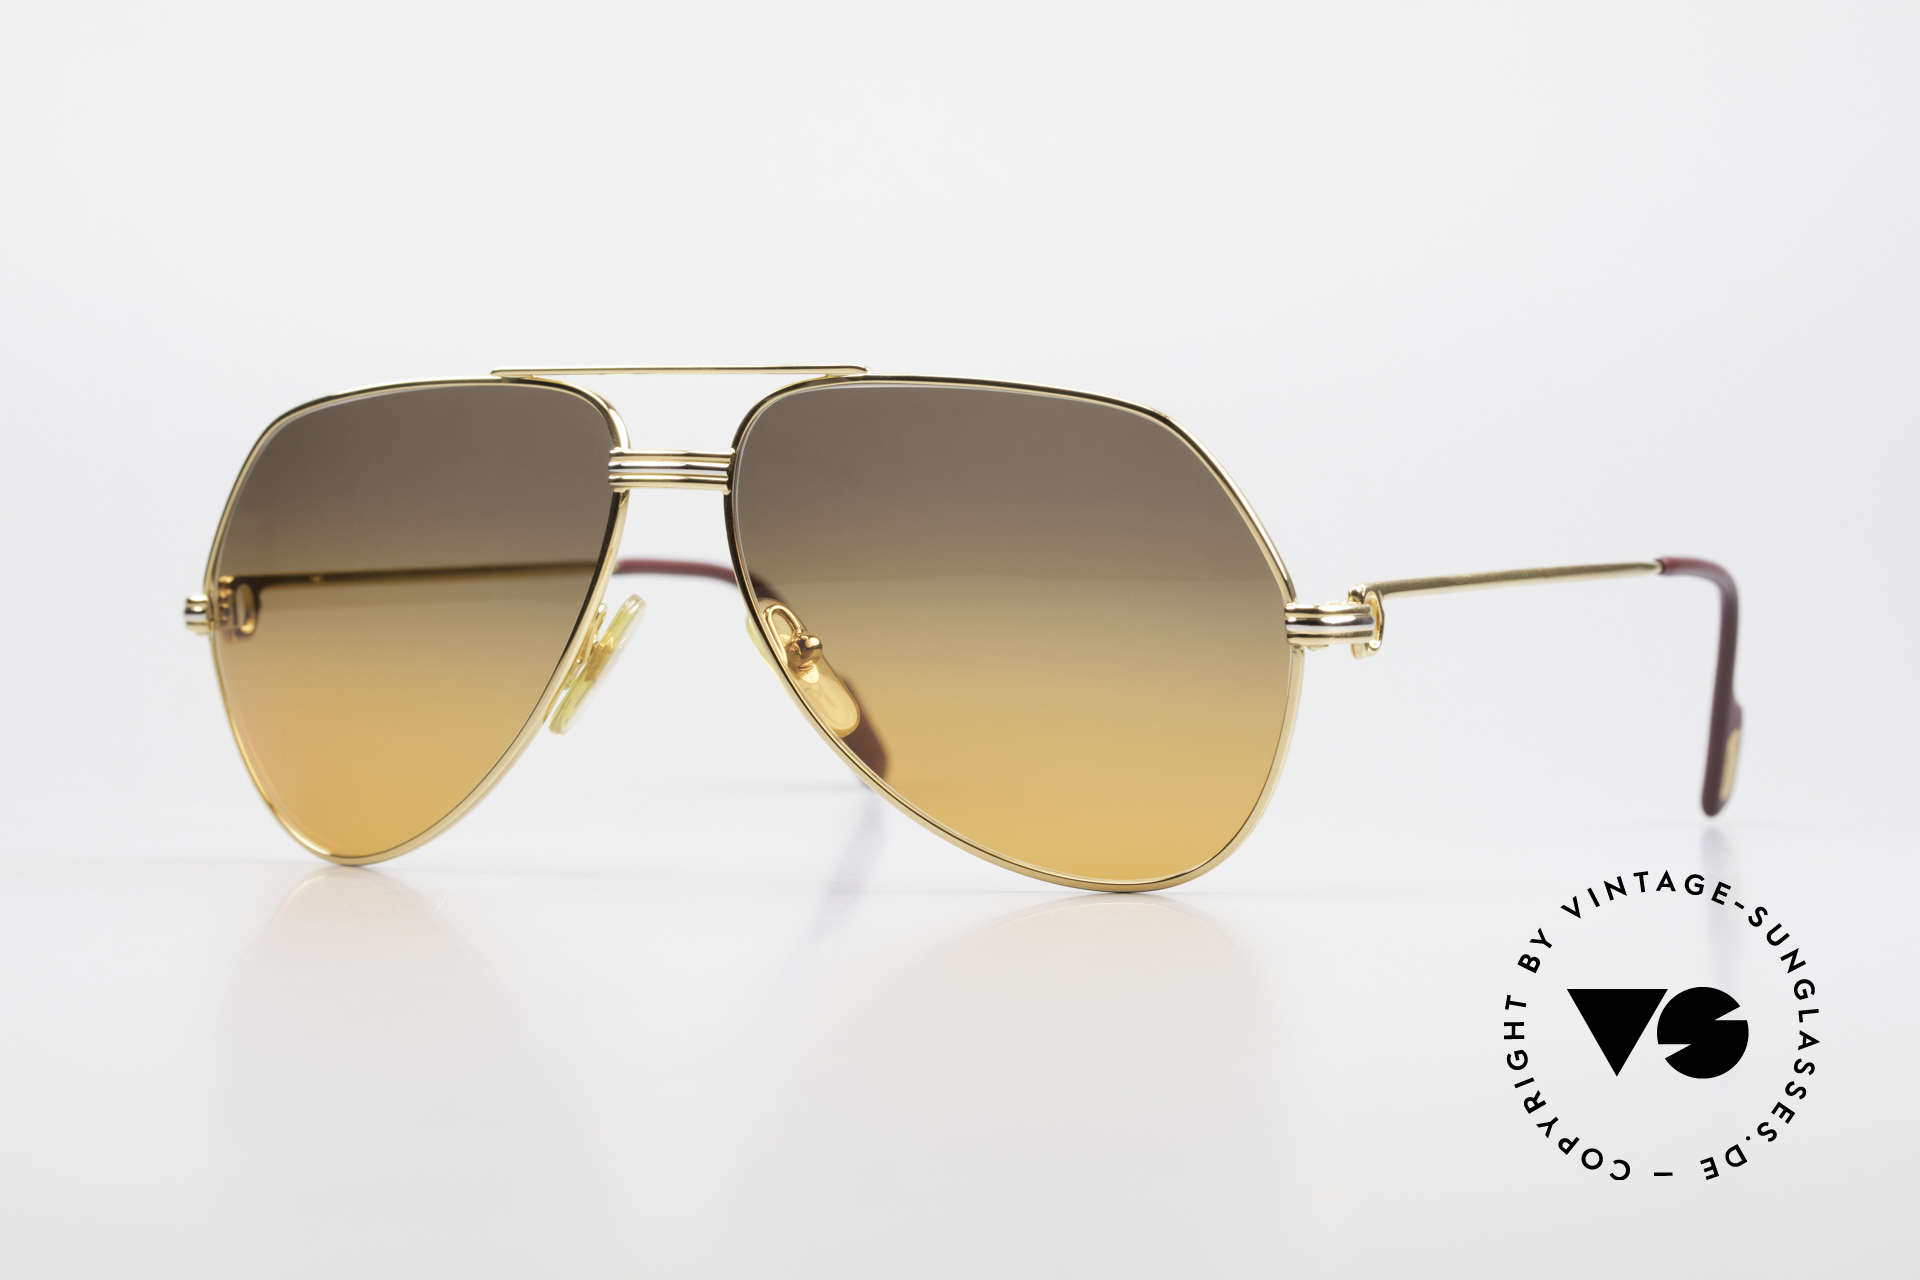 Cartier Vendome LC - M Film-Sonnenbrille Wall Street, Vendome = das berühmteste Brillendesign von CARTIER, Passend für Herren und Damen